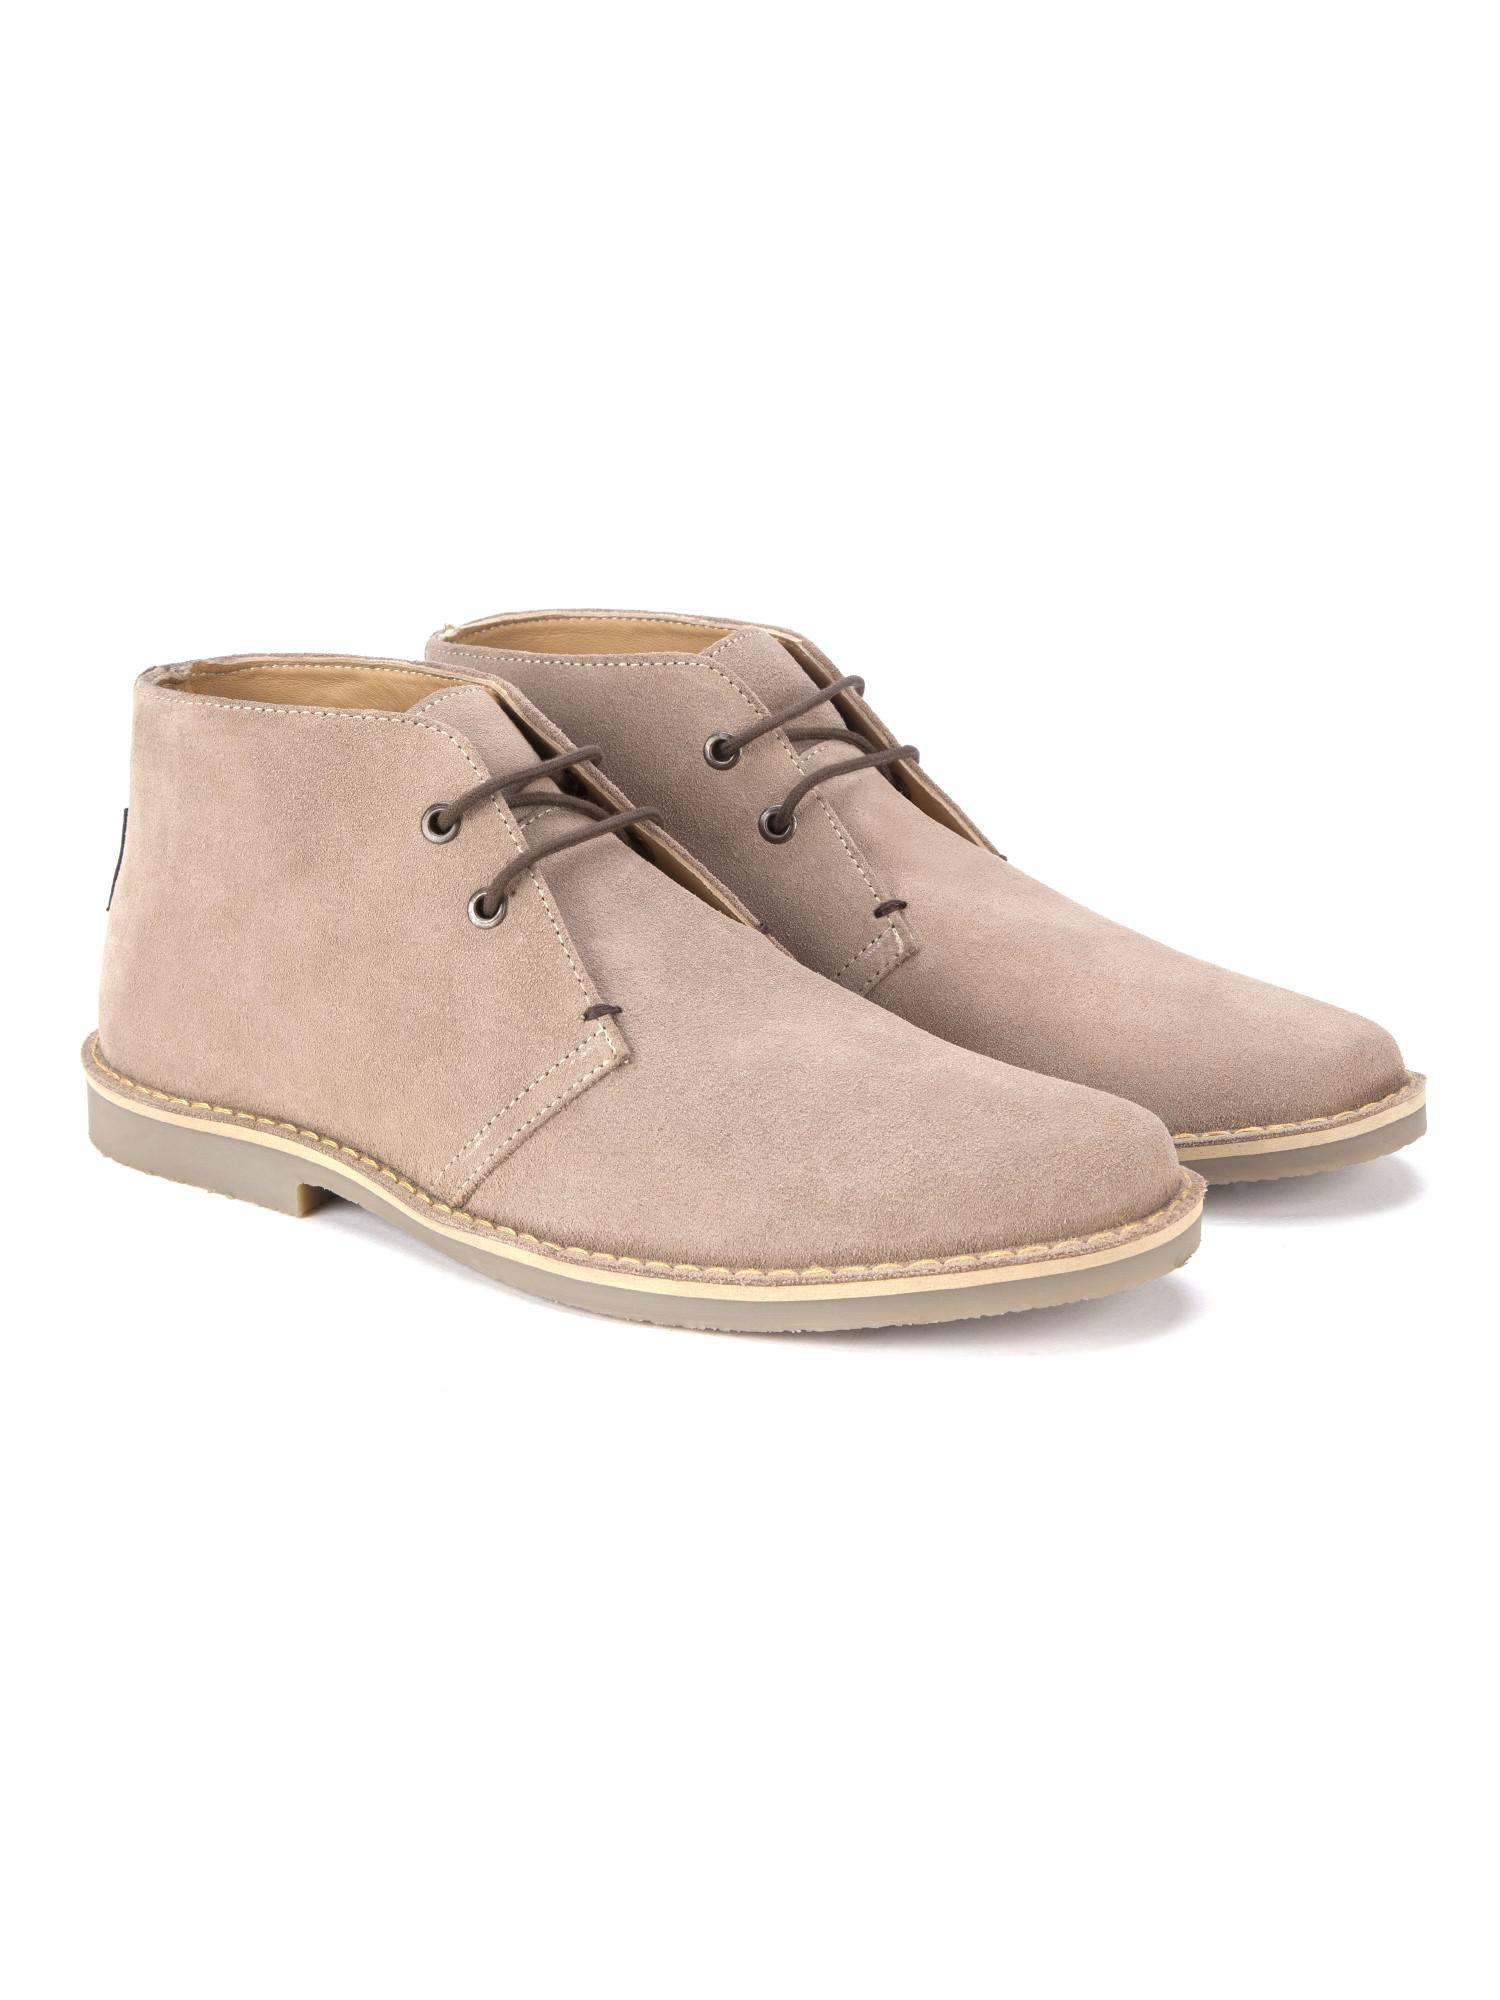 39a6a5bcc8c Ben Sherman Mocam Desert Boot in Natural for Men - Lyst